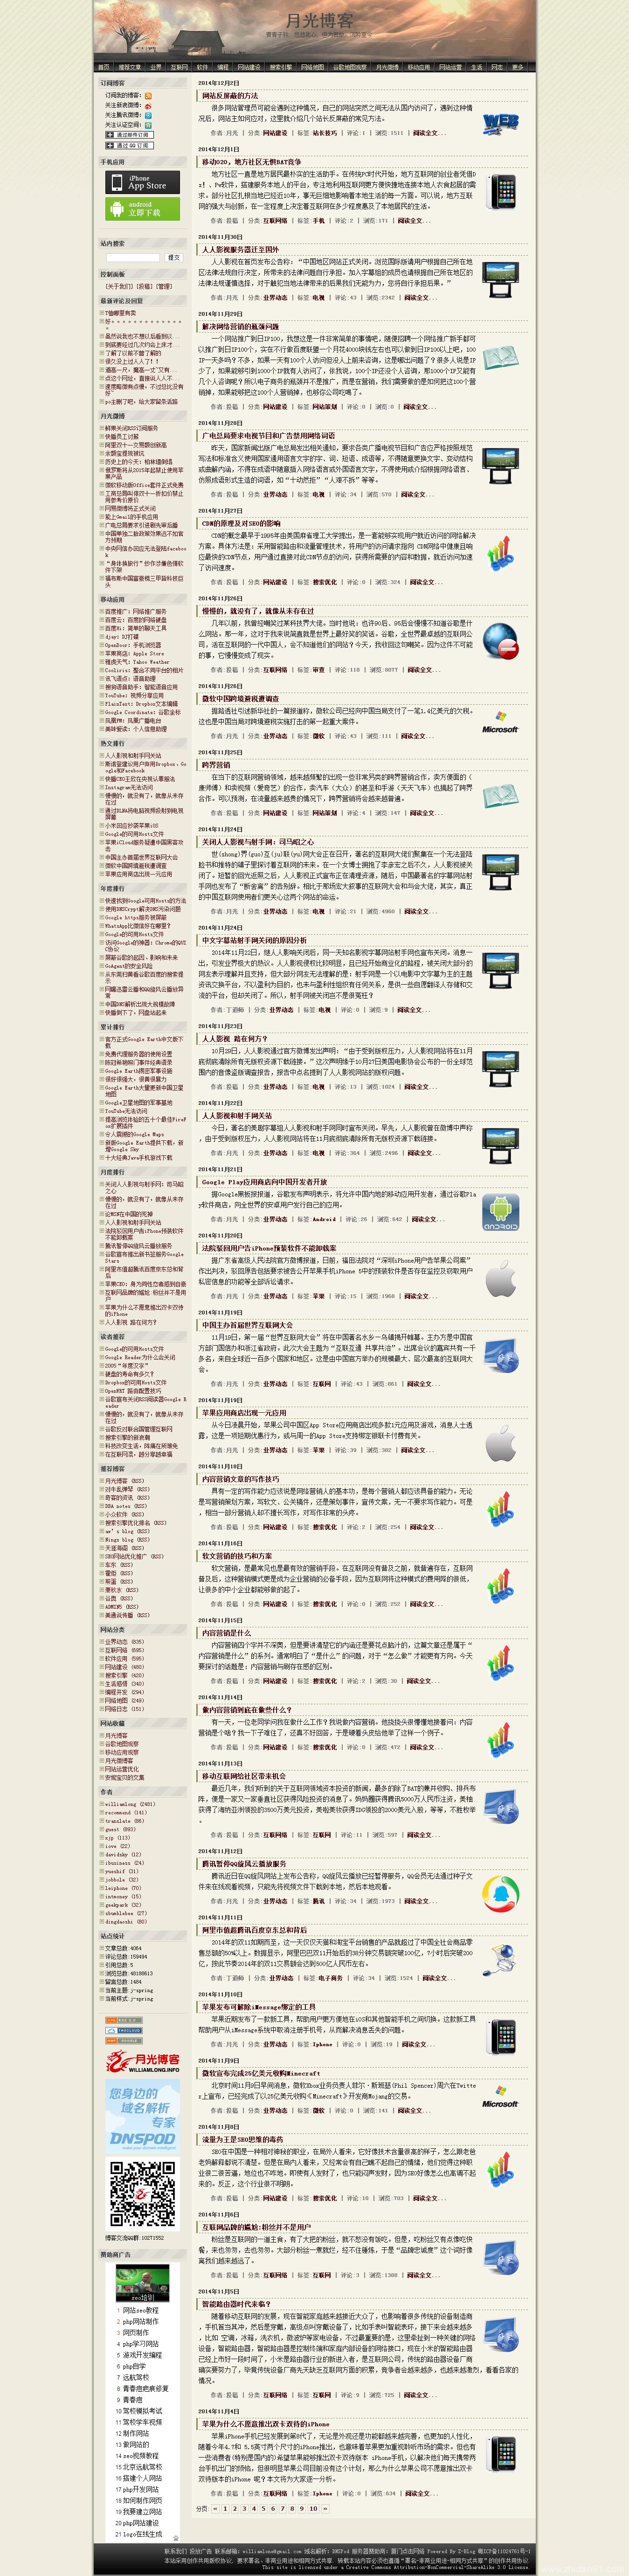 月光博客评测介绍